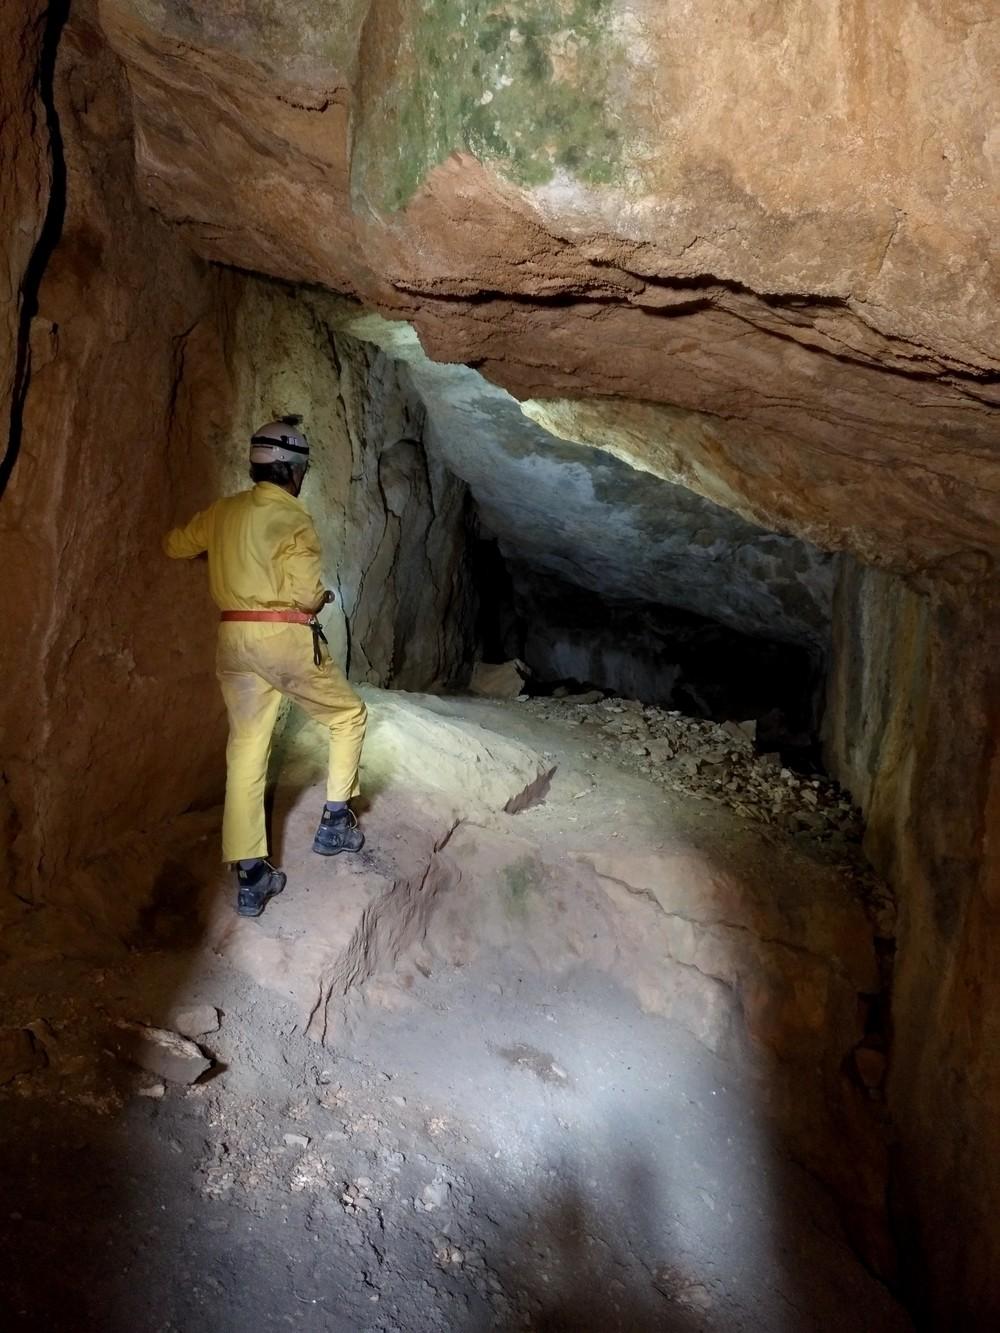 Exploración e investigación en una de las cuevas prospectadas.